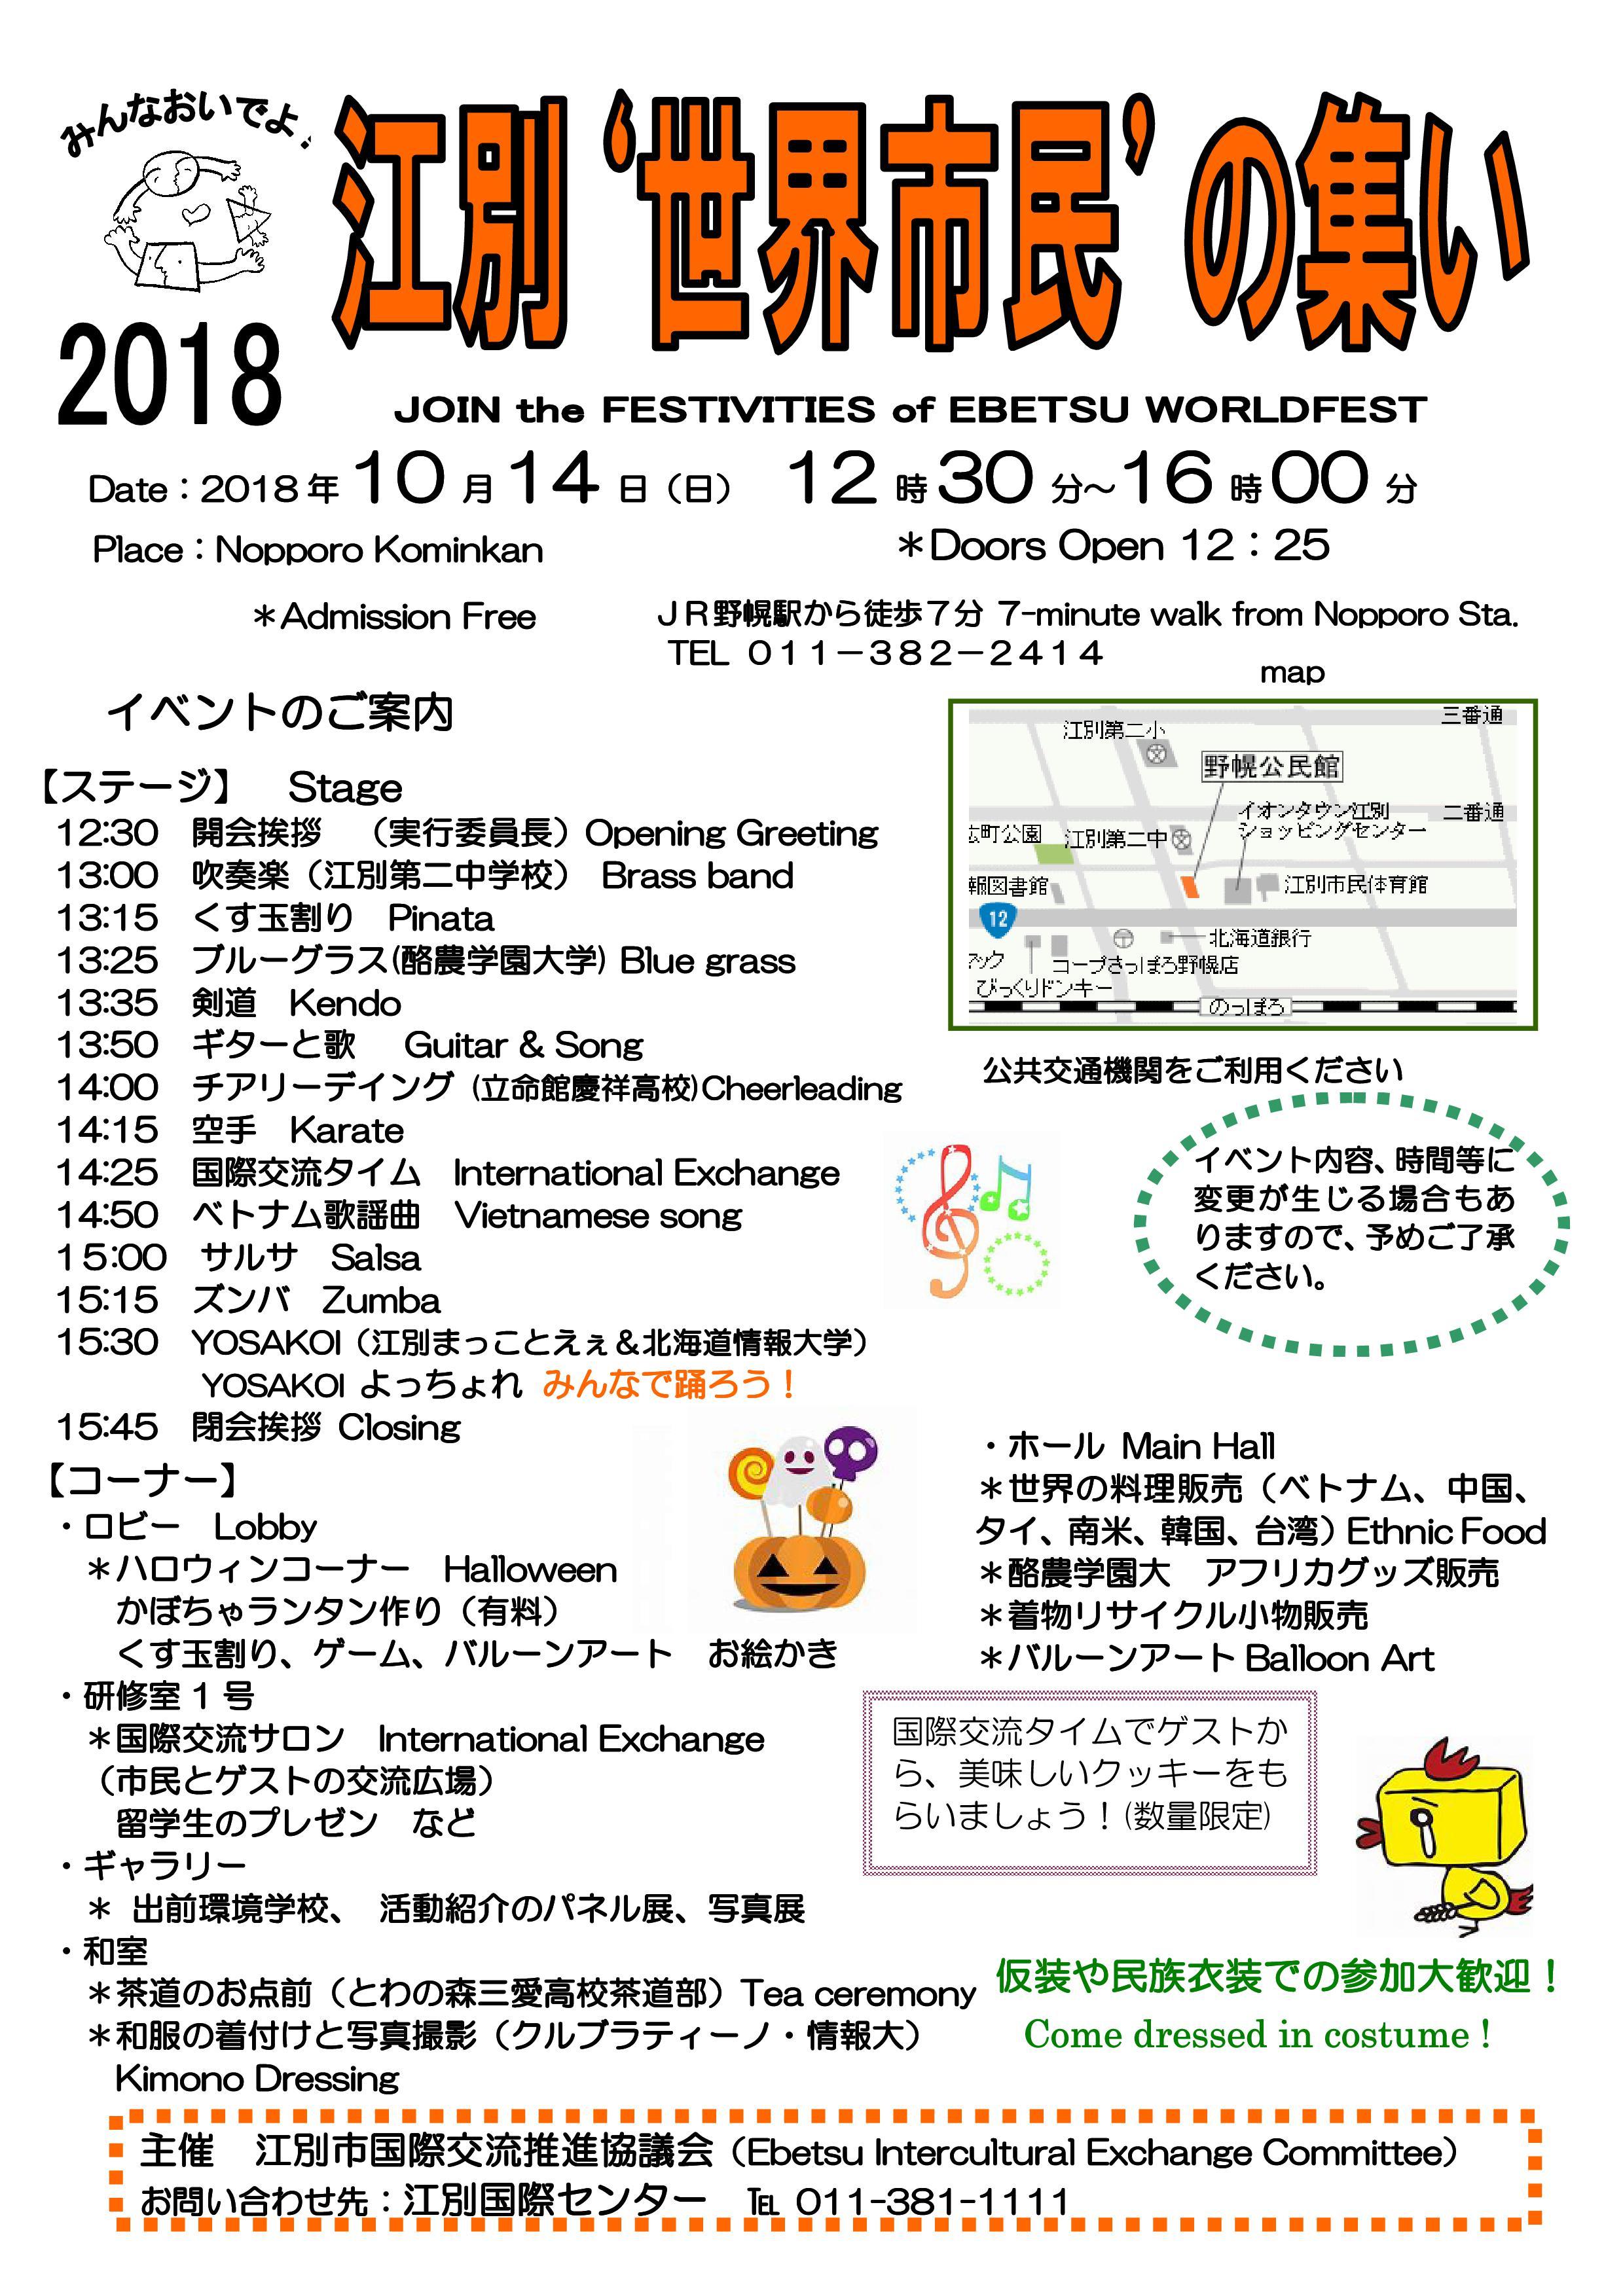 みんなおいでよ!2018 江別'世界市民'の集い 開催のお知らせのイメージ